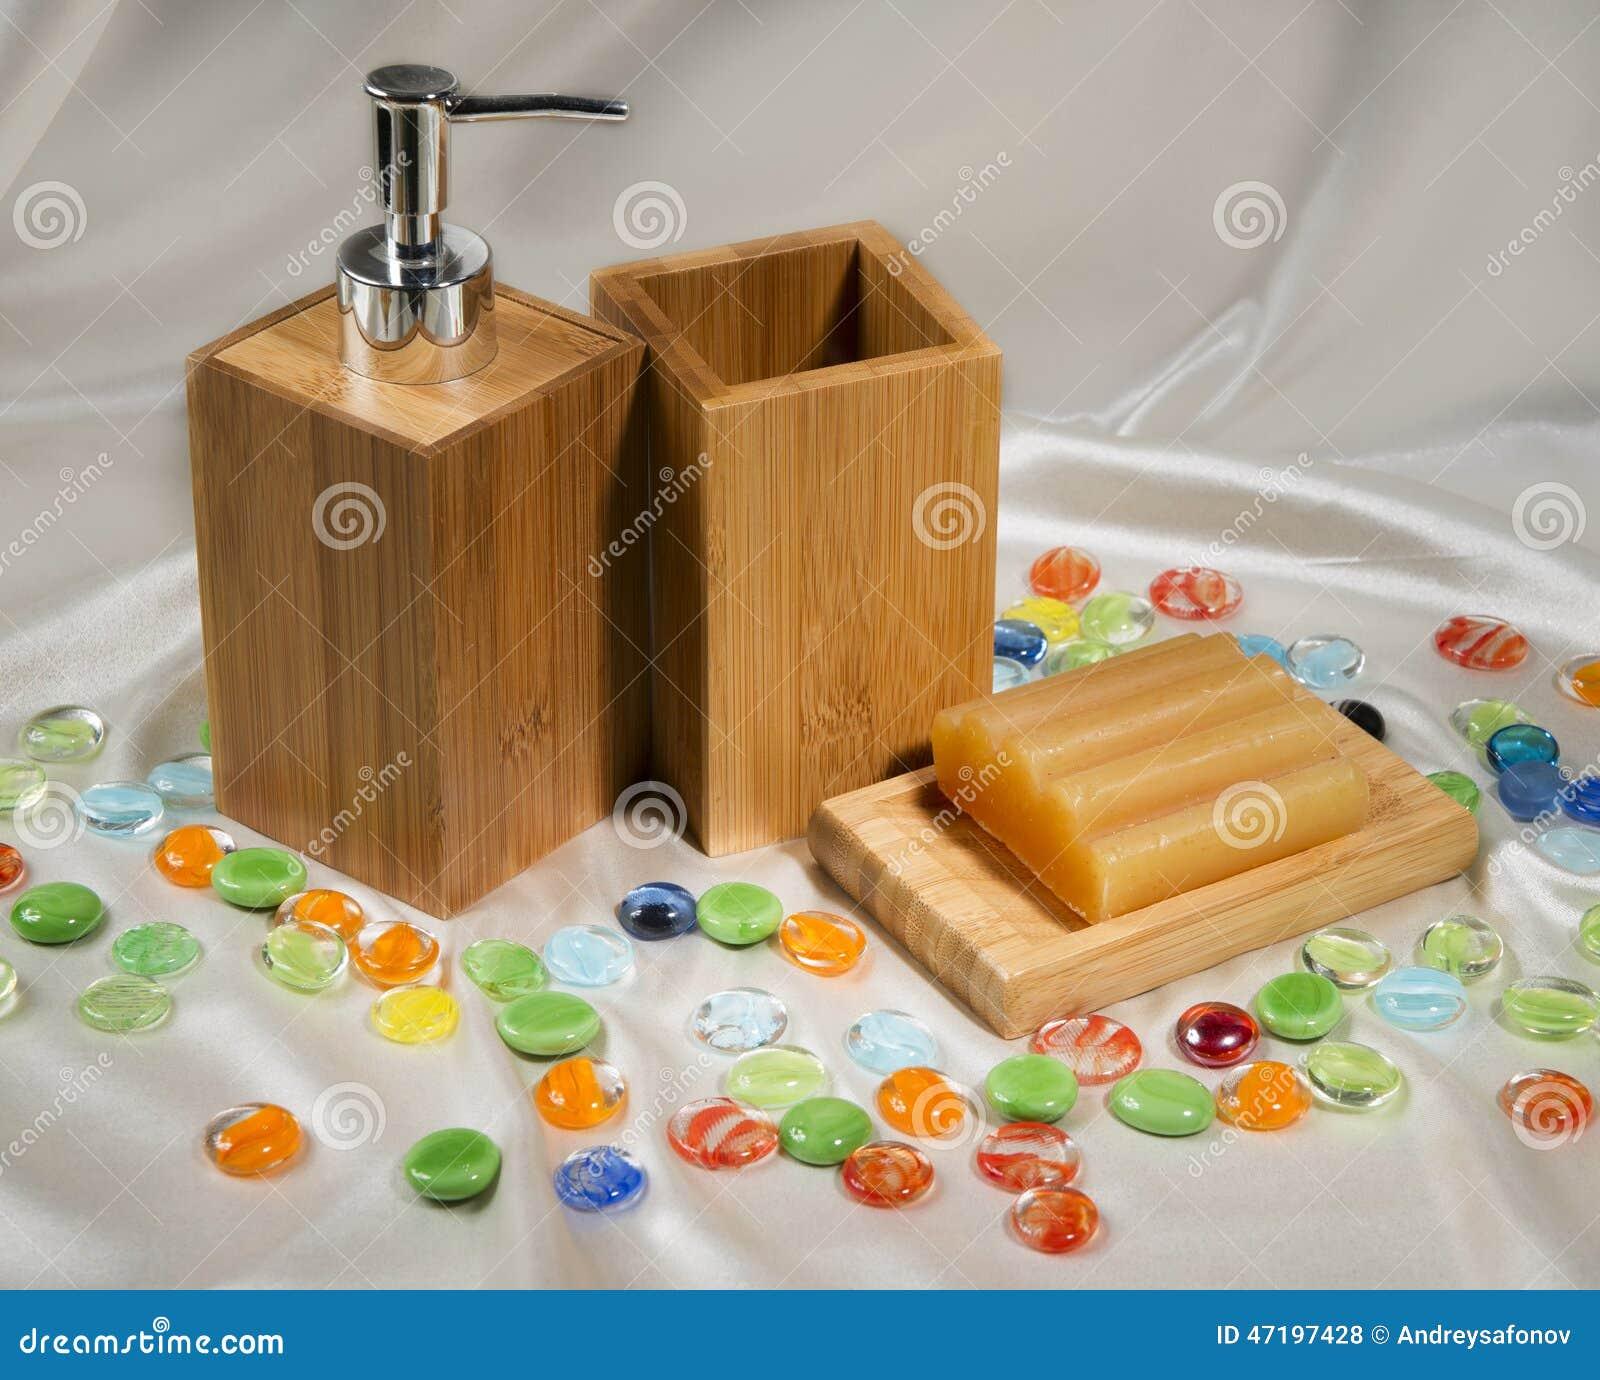 la vie toujours avec les accessoires en bois de salle de bains photo stock image du soin bain. Black Bedroom Furniture Sets. Home Design Ideas